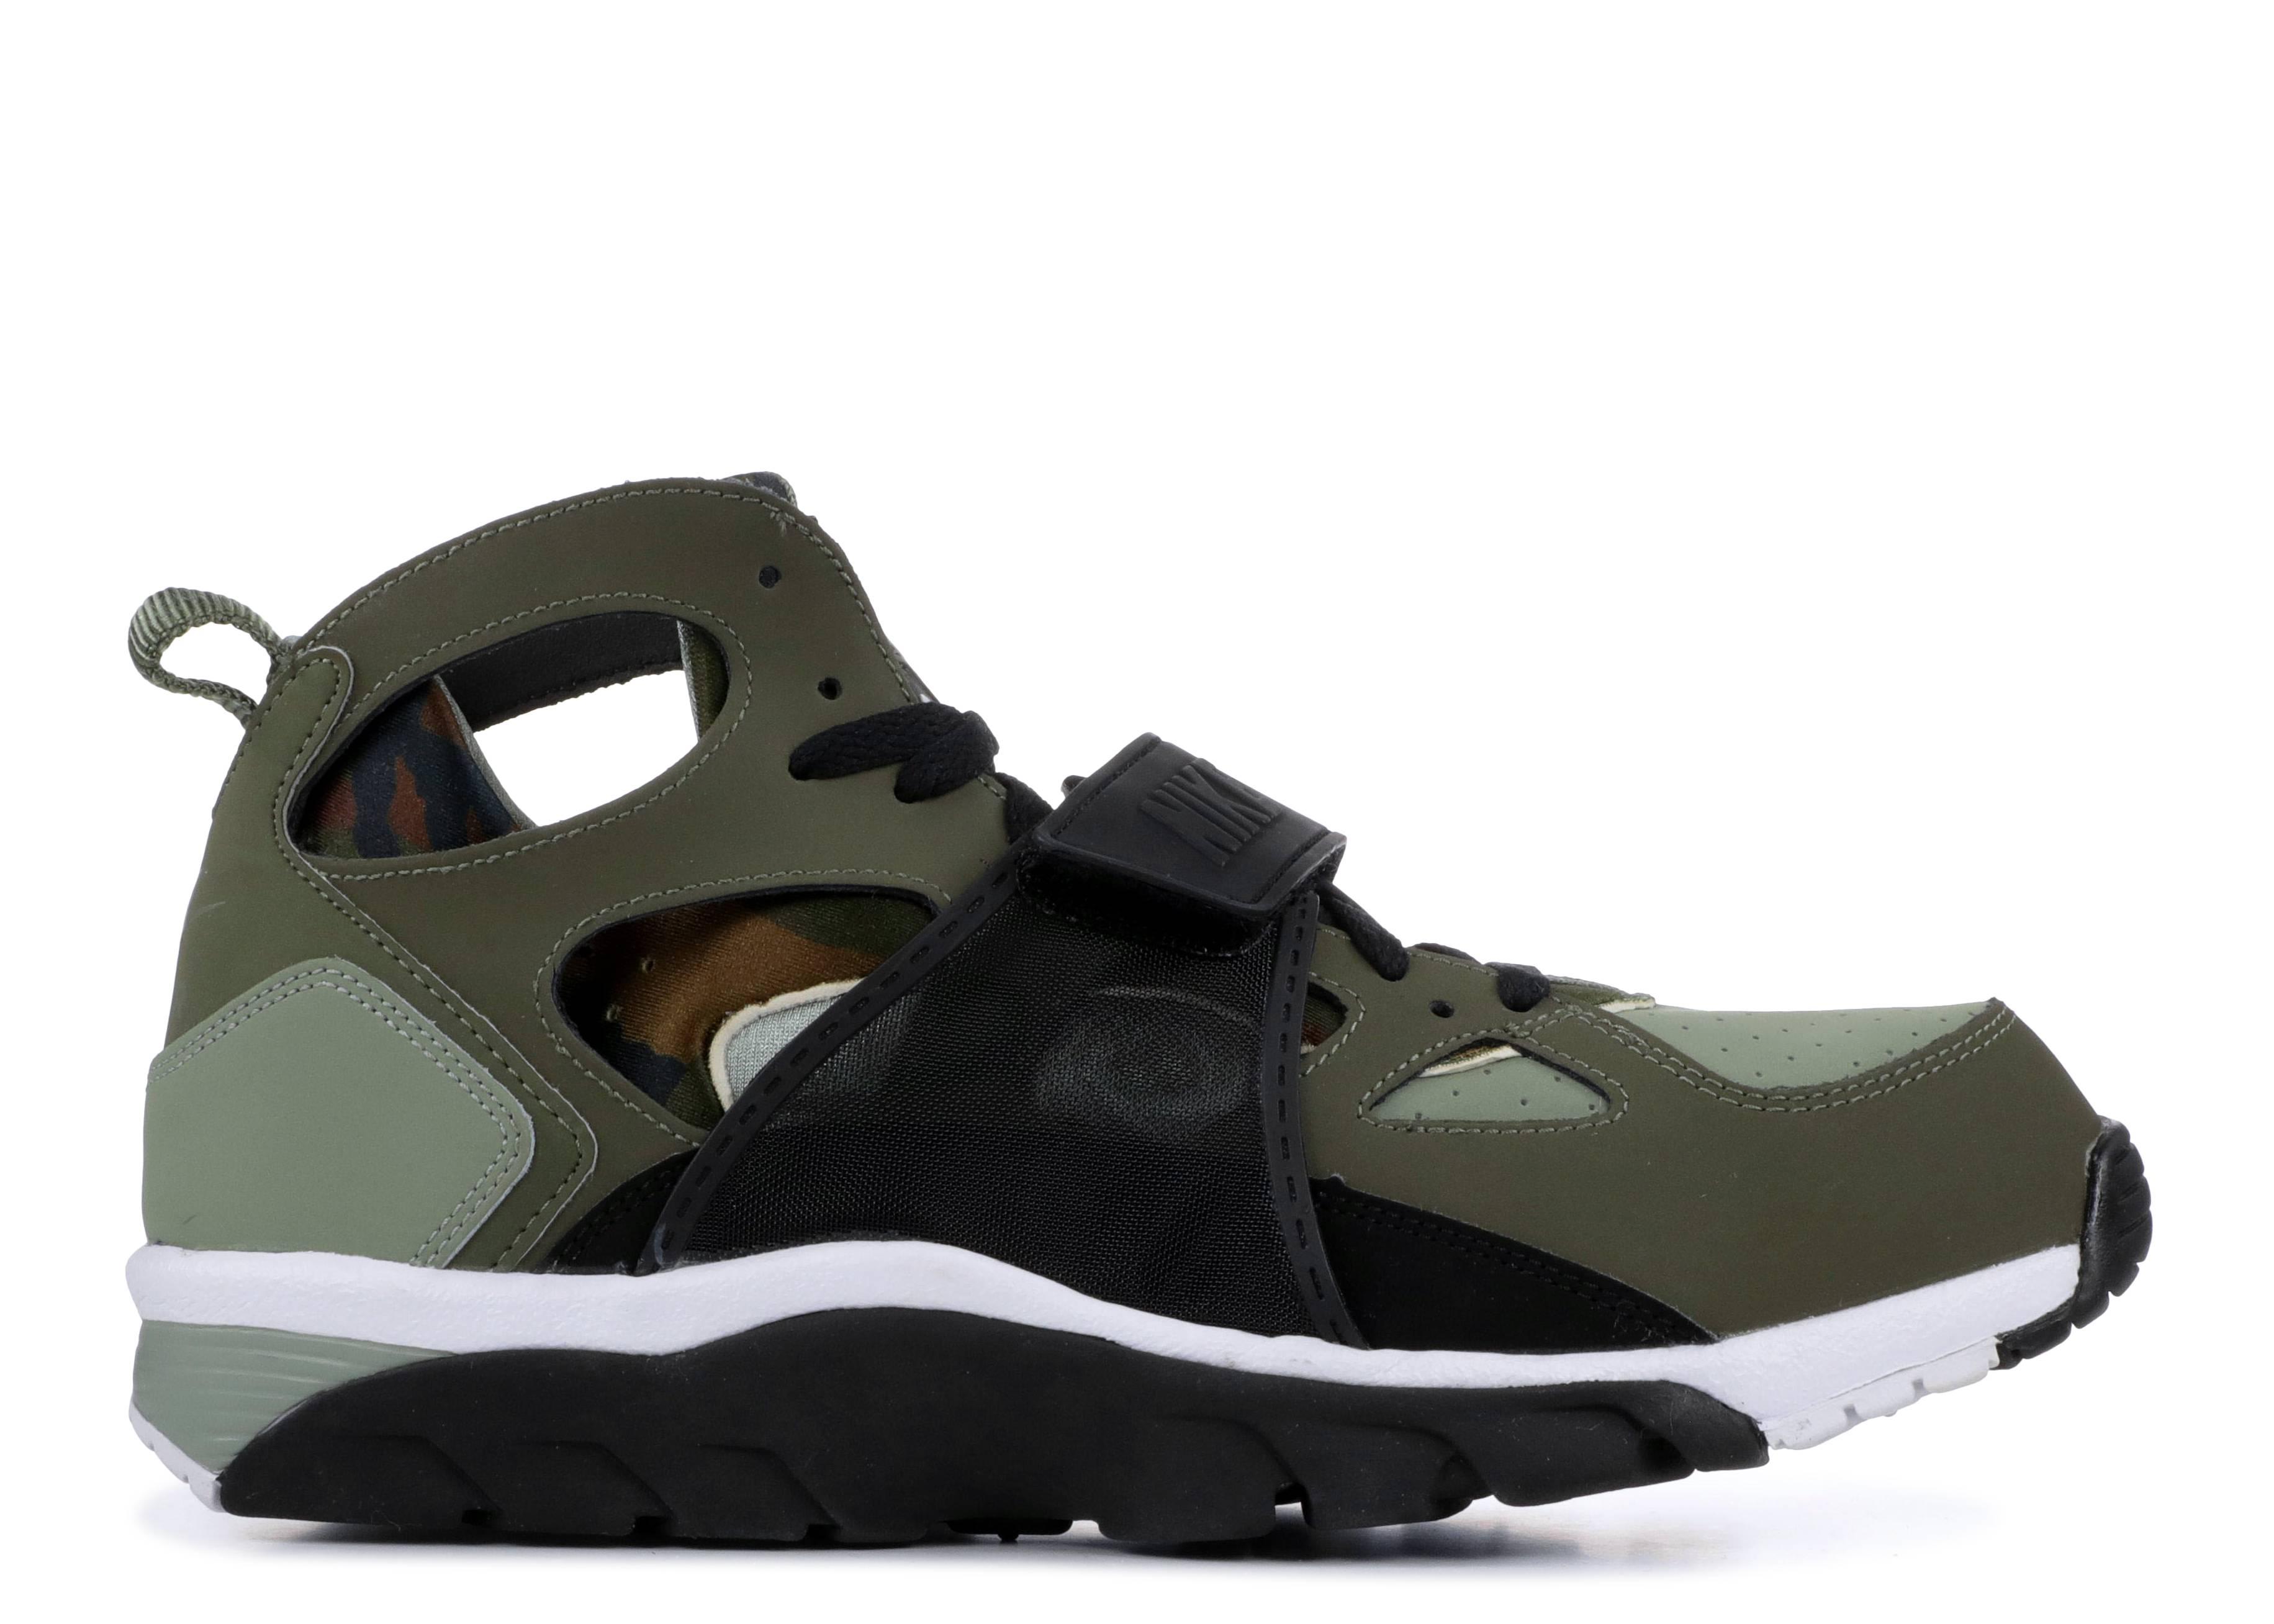 0b2b3b1aec857 Nike Air Trainer Huarache - Nike - 679083 200 - medium olive black ...